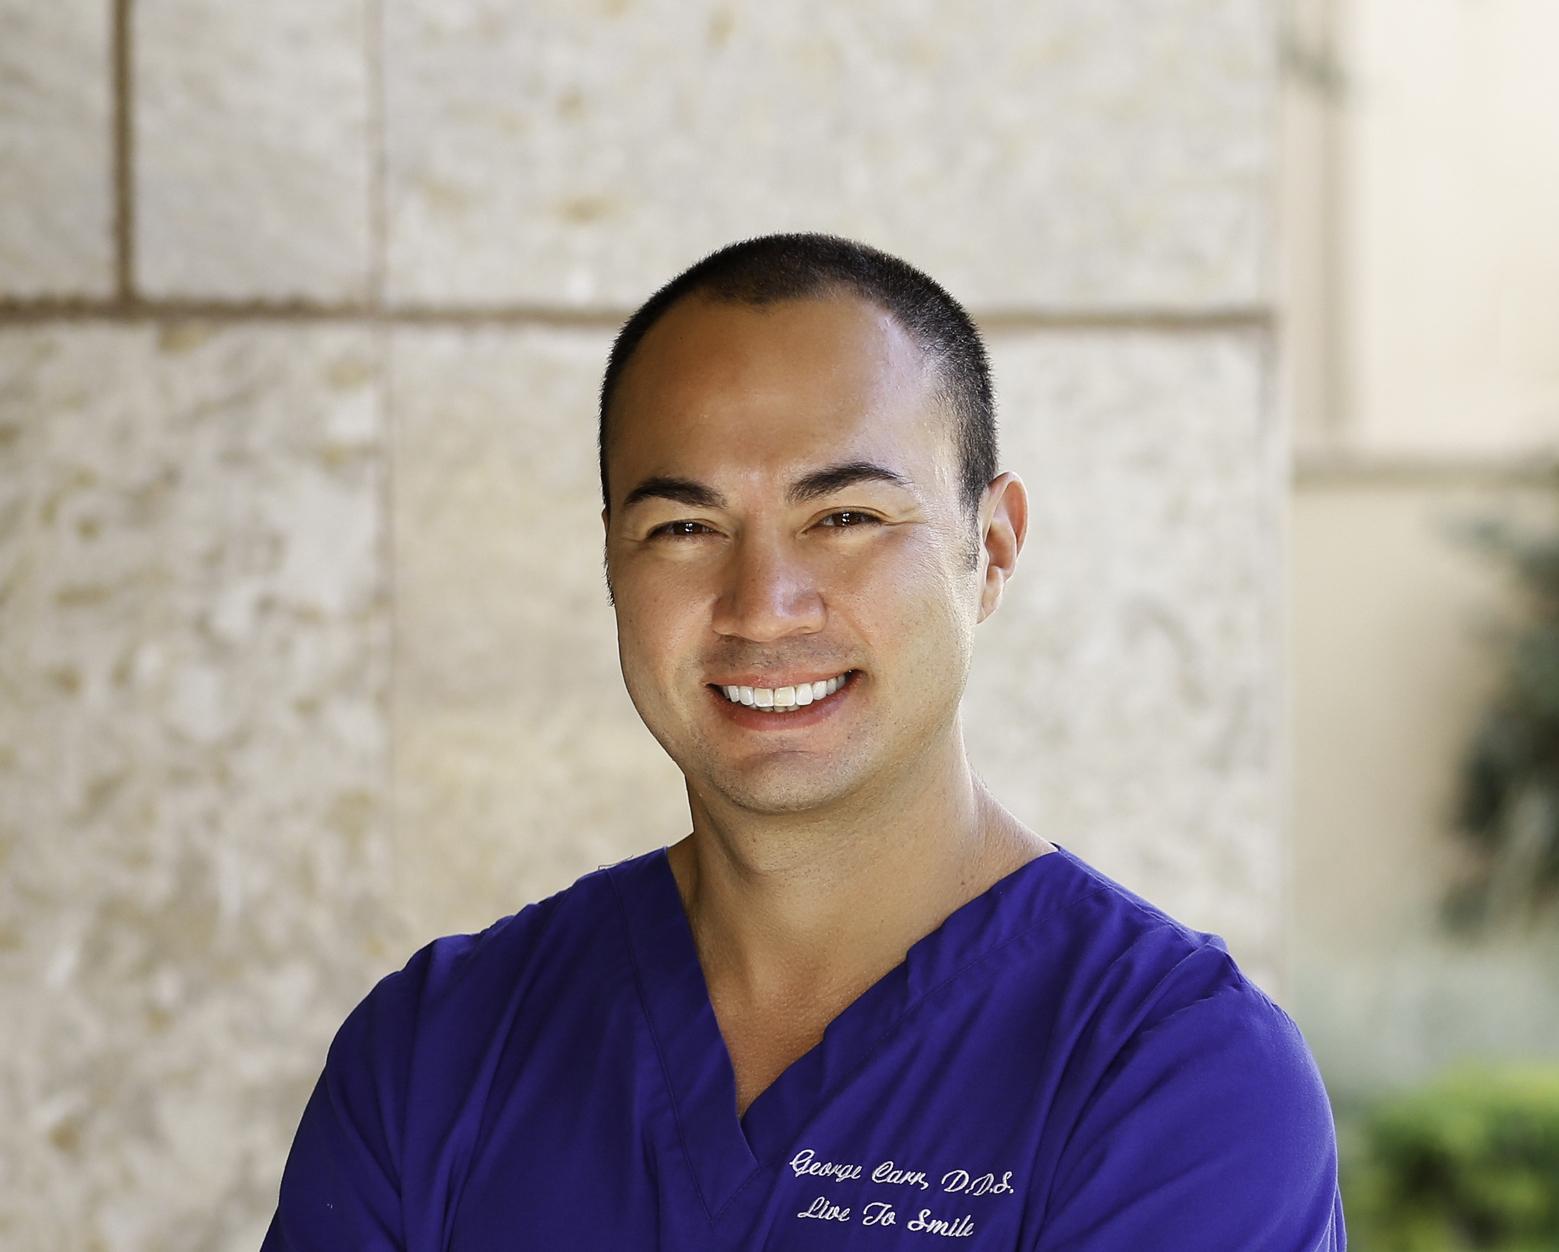 Dr. Carr, D.D.S.